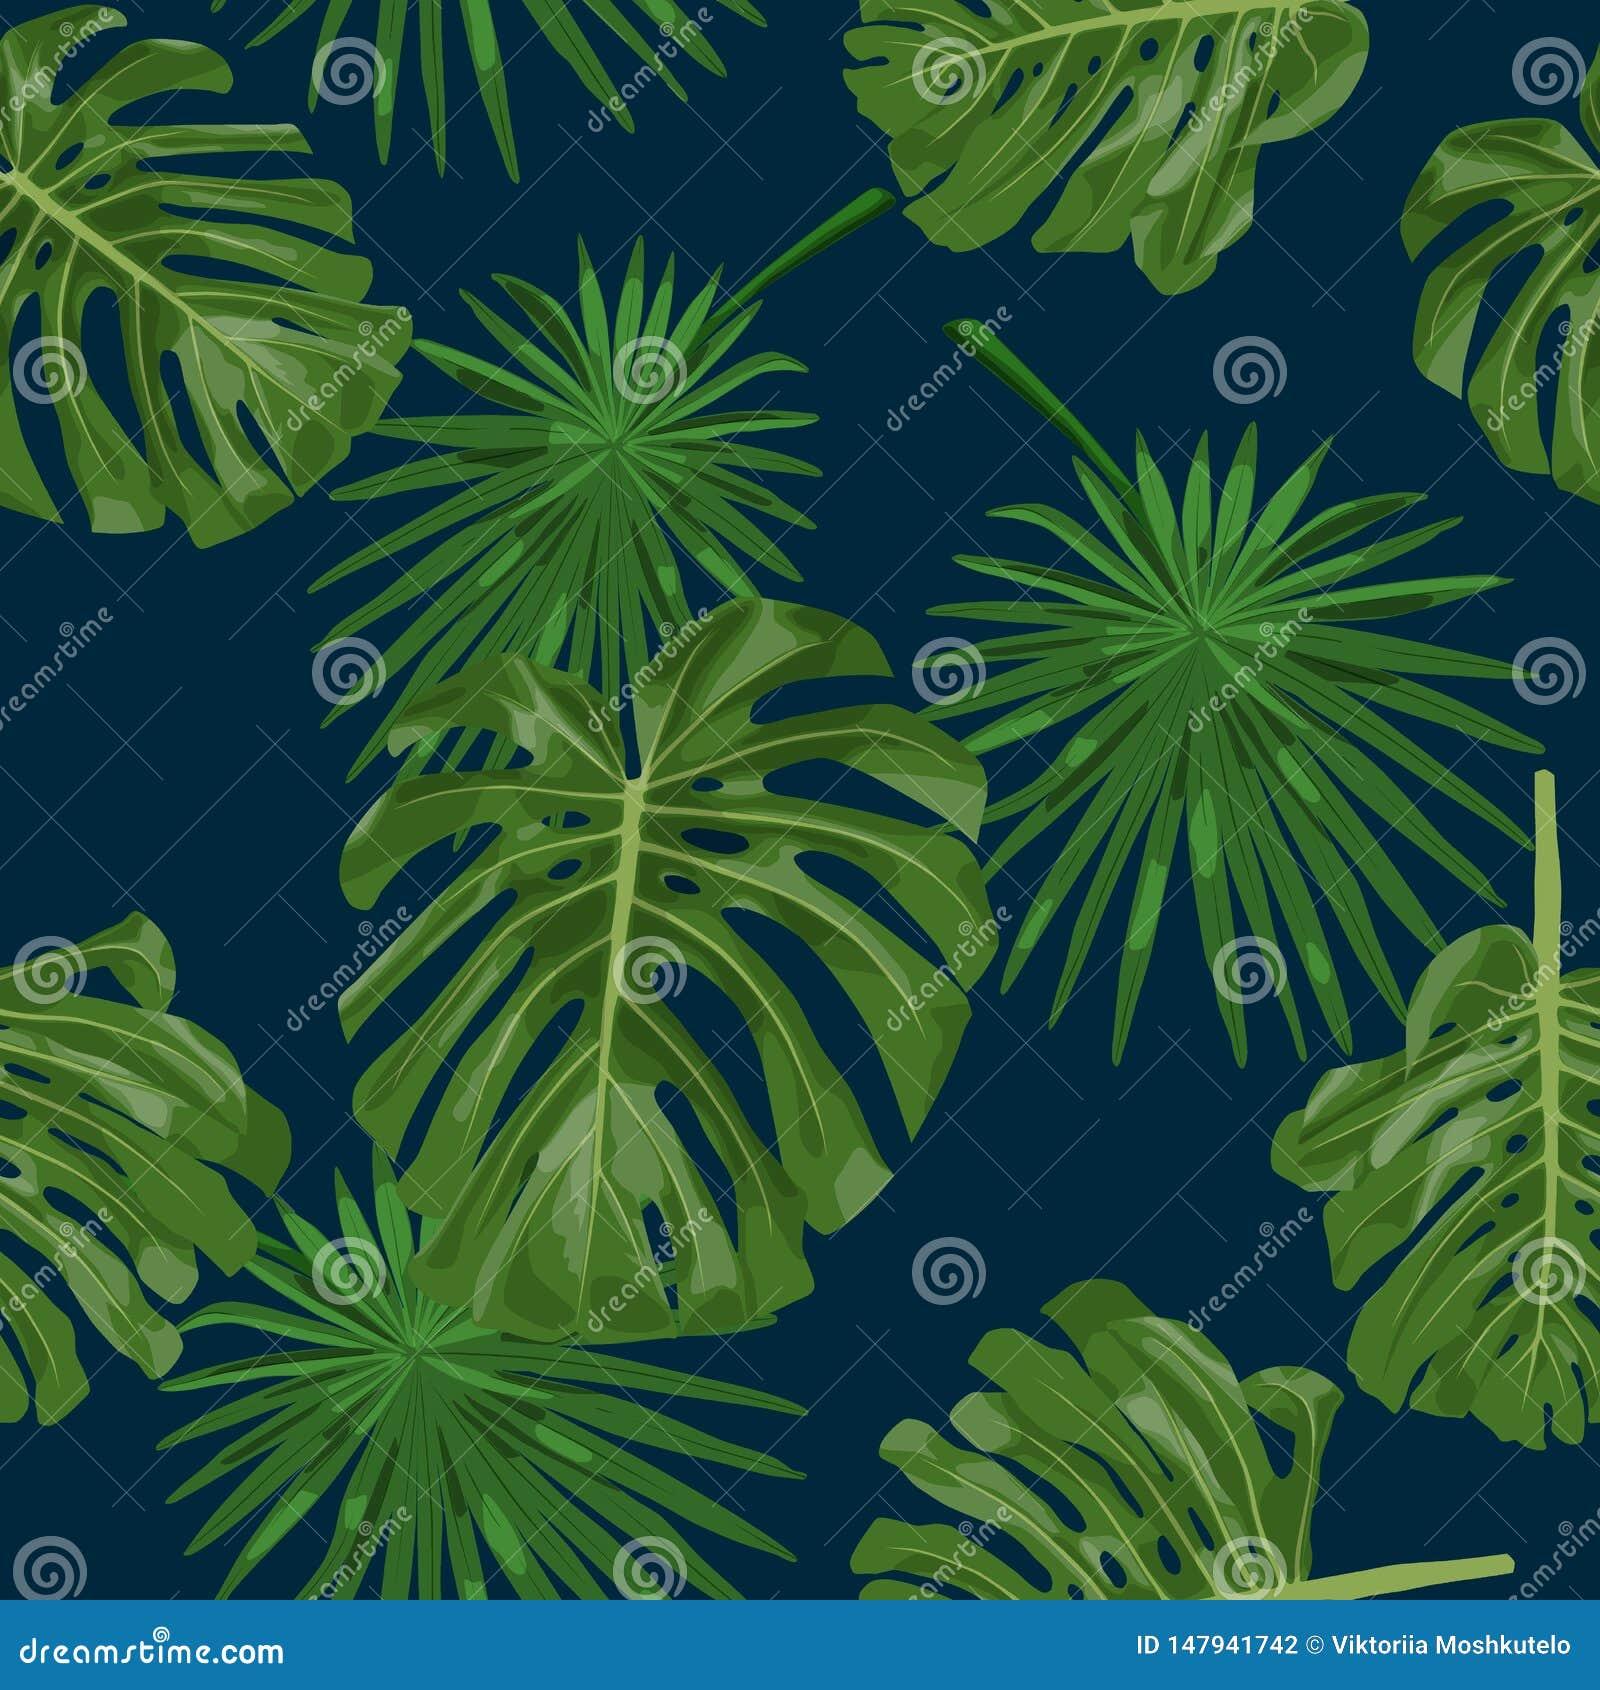 Fondo con monstera y hojas de palma en azules marinos